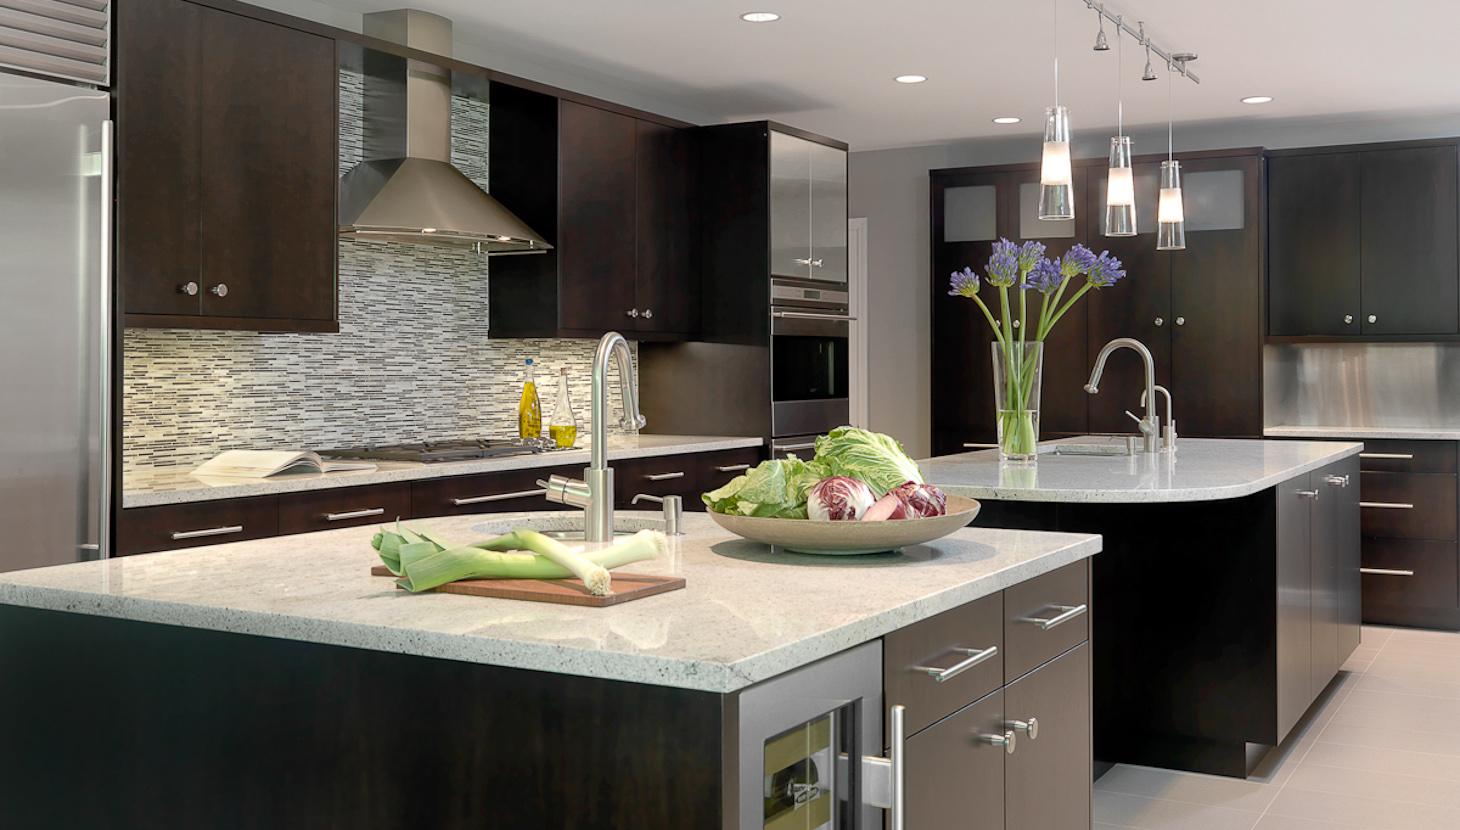 modern sky blue colour kitchen interior design playuna kitchen WYNPKOG